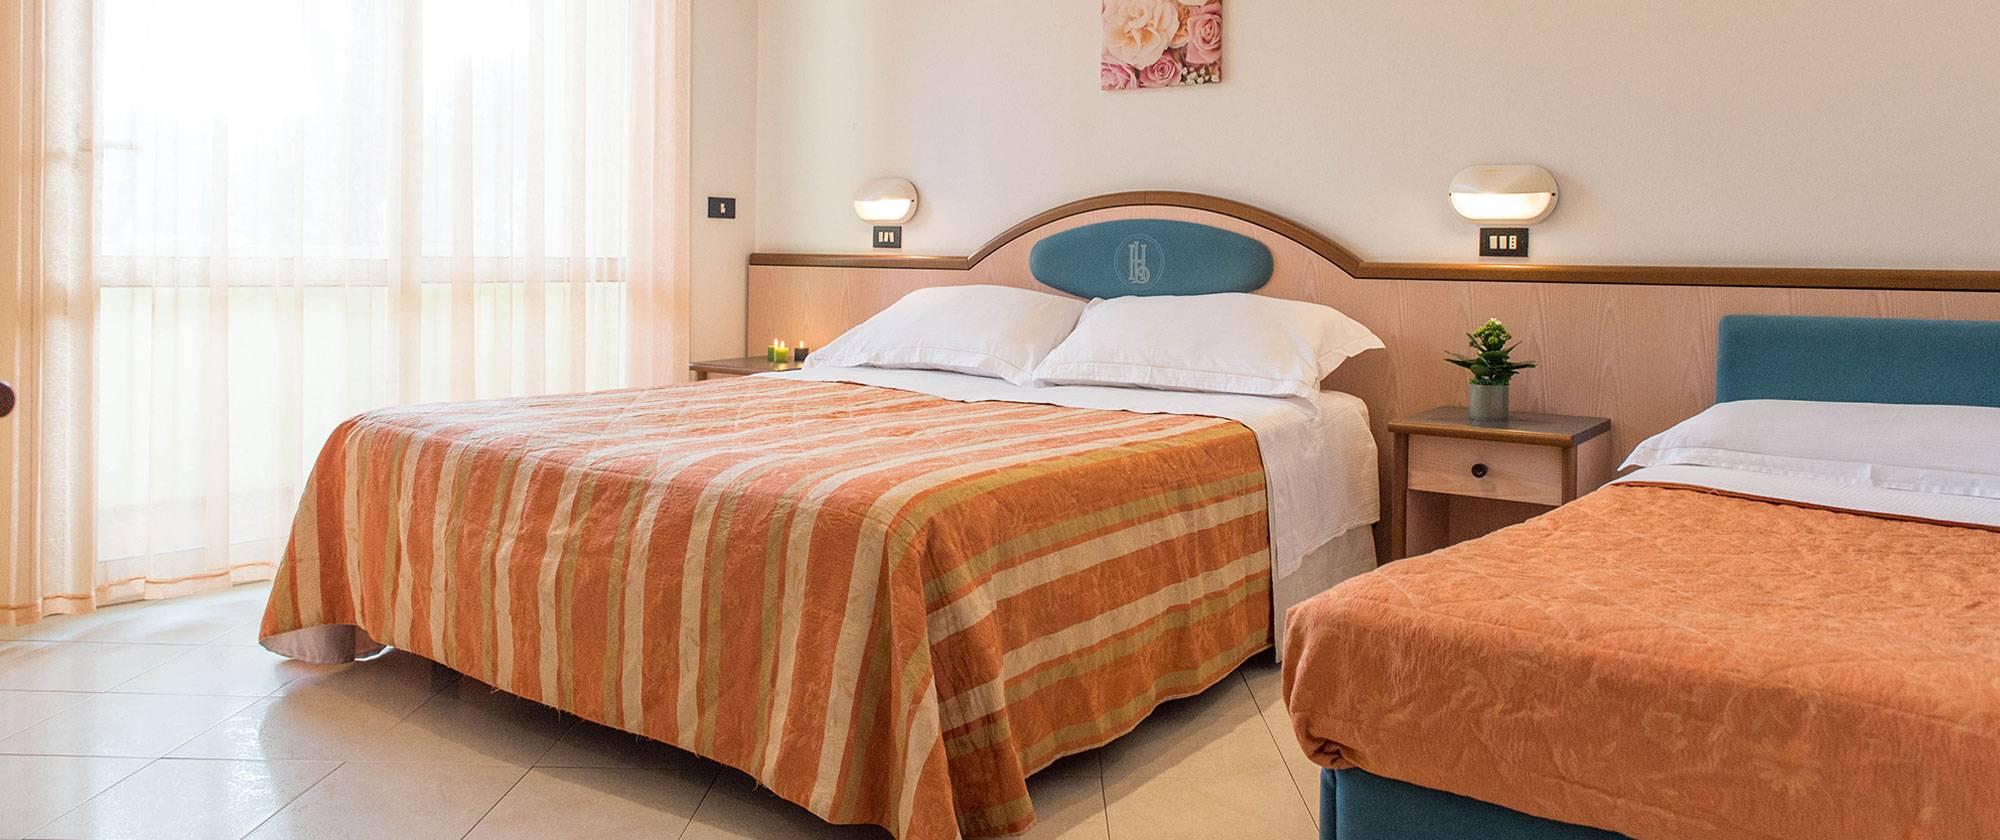 Hotel con camere comunicanti milano marittima hotel luxor - Metratura minima bagno ...